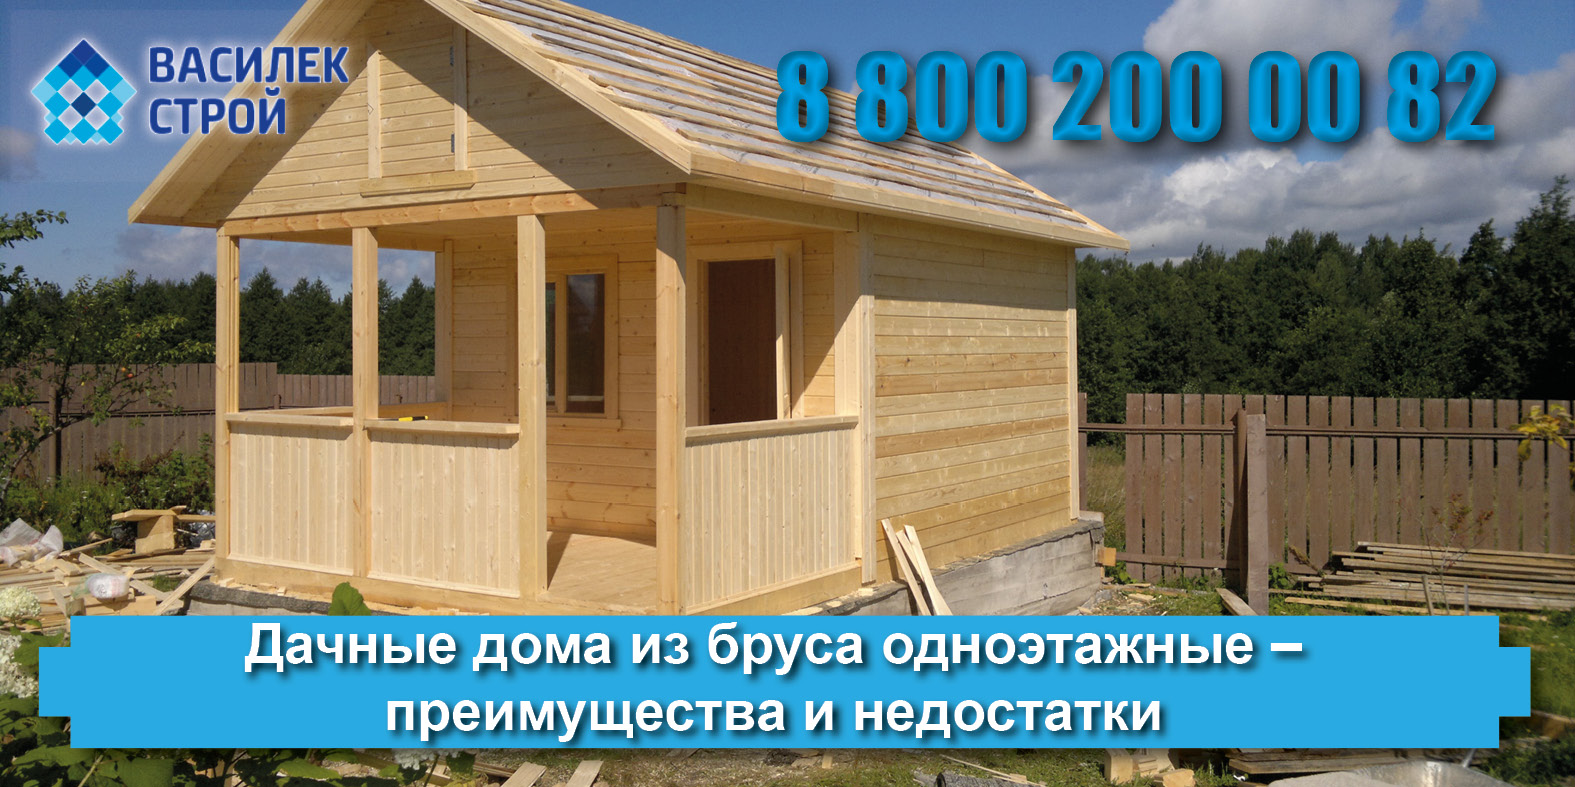 Дешевые дачные дома из бруса одноэтажные: проекты дачных домов эконом и дом из бруса клееного для вашей дачи